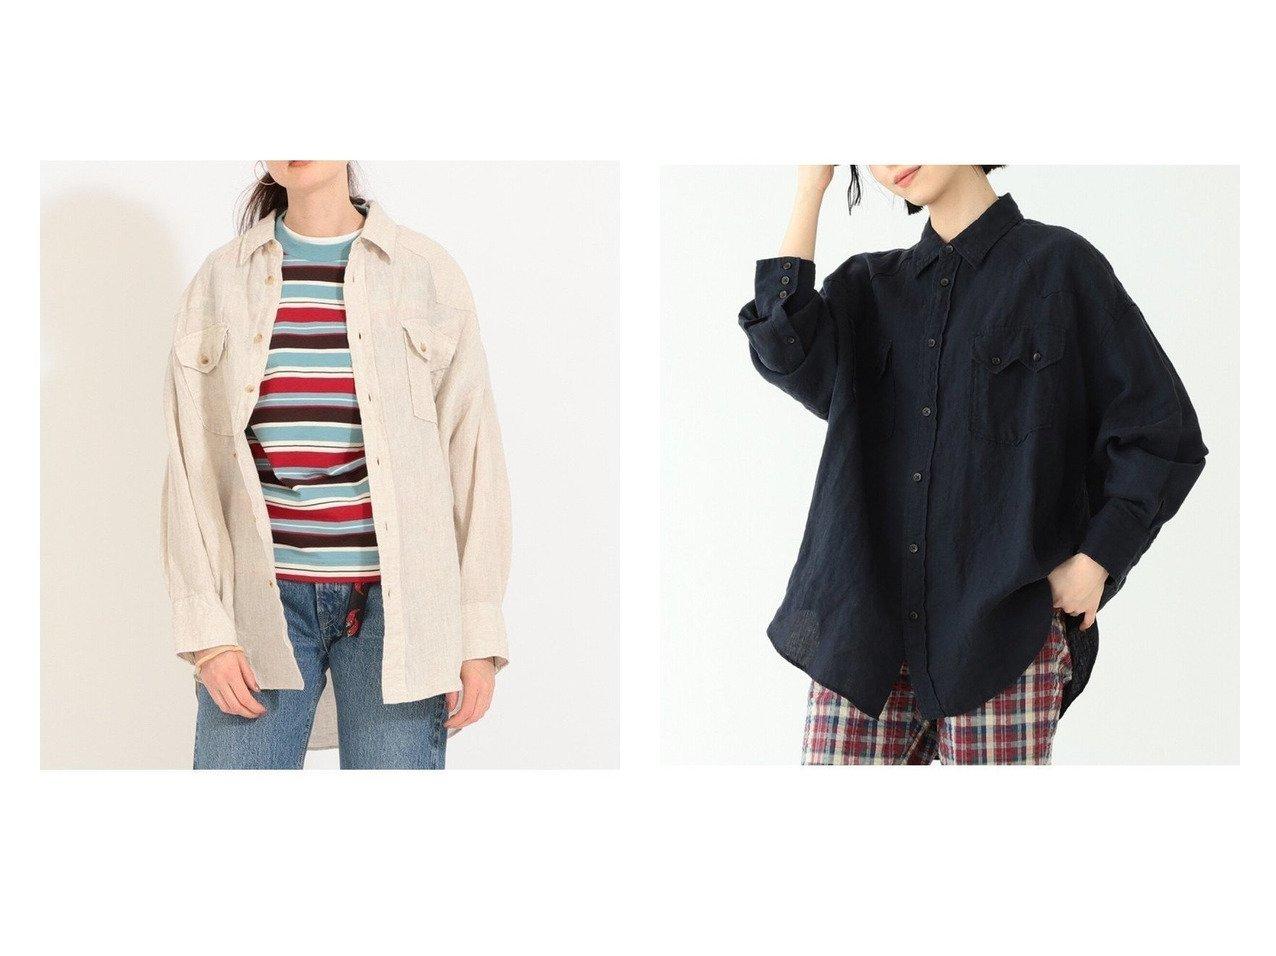 【BEAMS BOY/ビームス ボーイ】のリネン ウエスタン シャツ おすすめ!人気、トレンド・レディースファッションの通販  おすすめで人気の流行・トレンド、ファッションの通販商品 メンズファッション・キッズファッション・インテリア・家具・レディースファッション・服の通販 founy(ファニー) https://founy.com/ ファッション Fashion レディースファッション WOMEN トップス・カットソー Tops/Tshirt シャツ/ブラウス Shirts/Blouses ウエスタン リネン リラックス 羽織 長袖 |ID:crp329100000036443